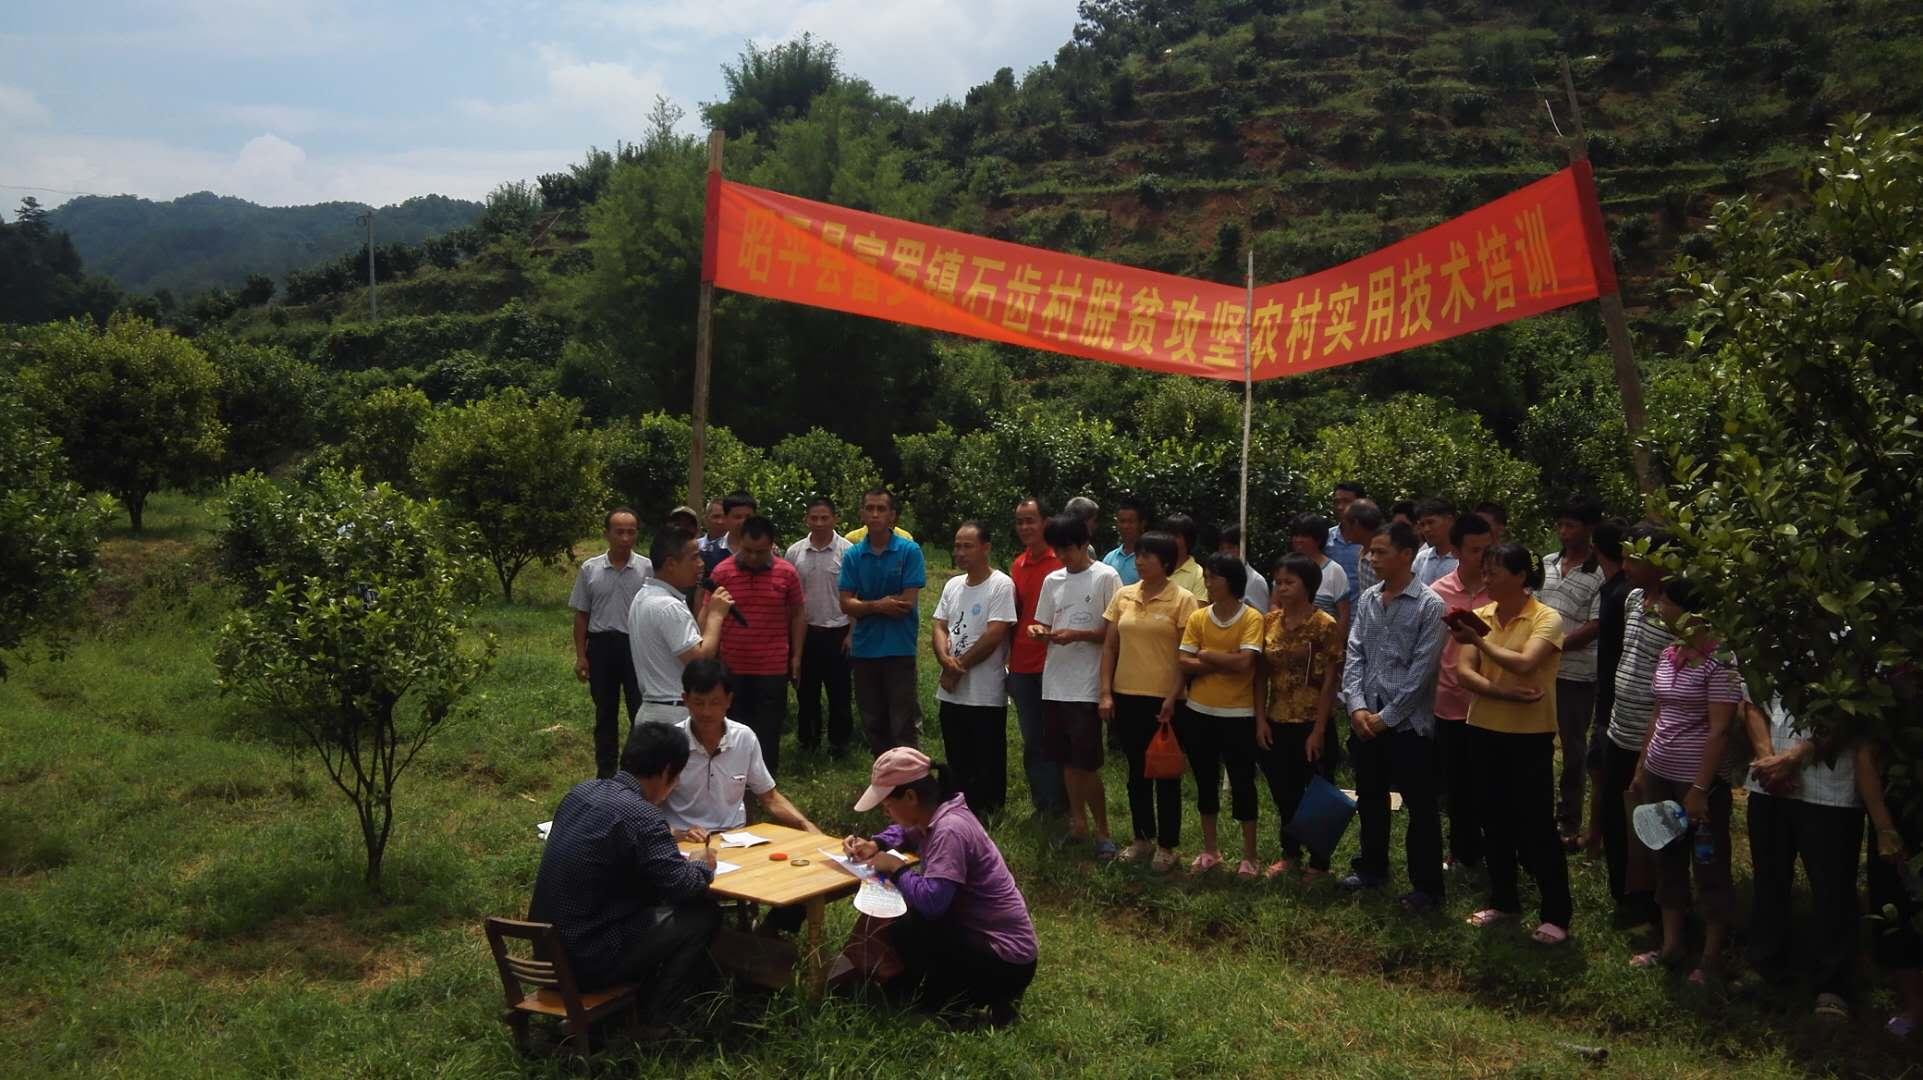 图为石齿村第一书记莫善安鼓励学员们大力发展种养产业.jpg